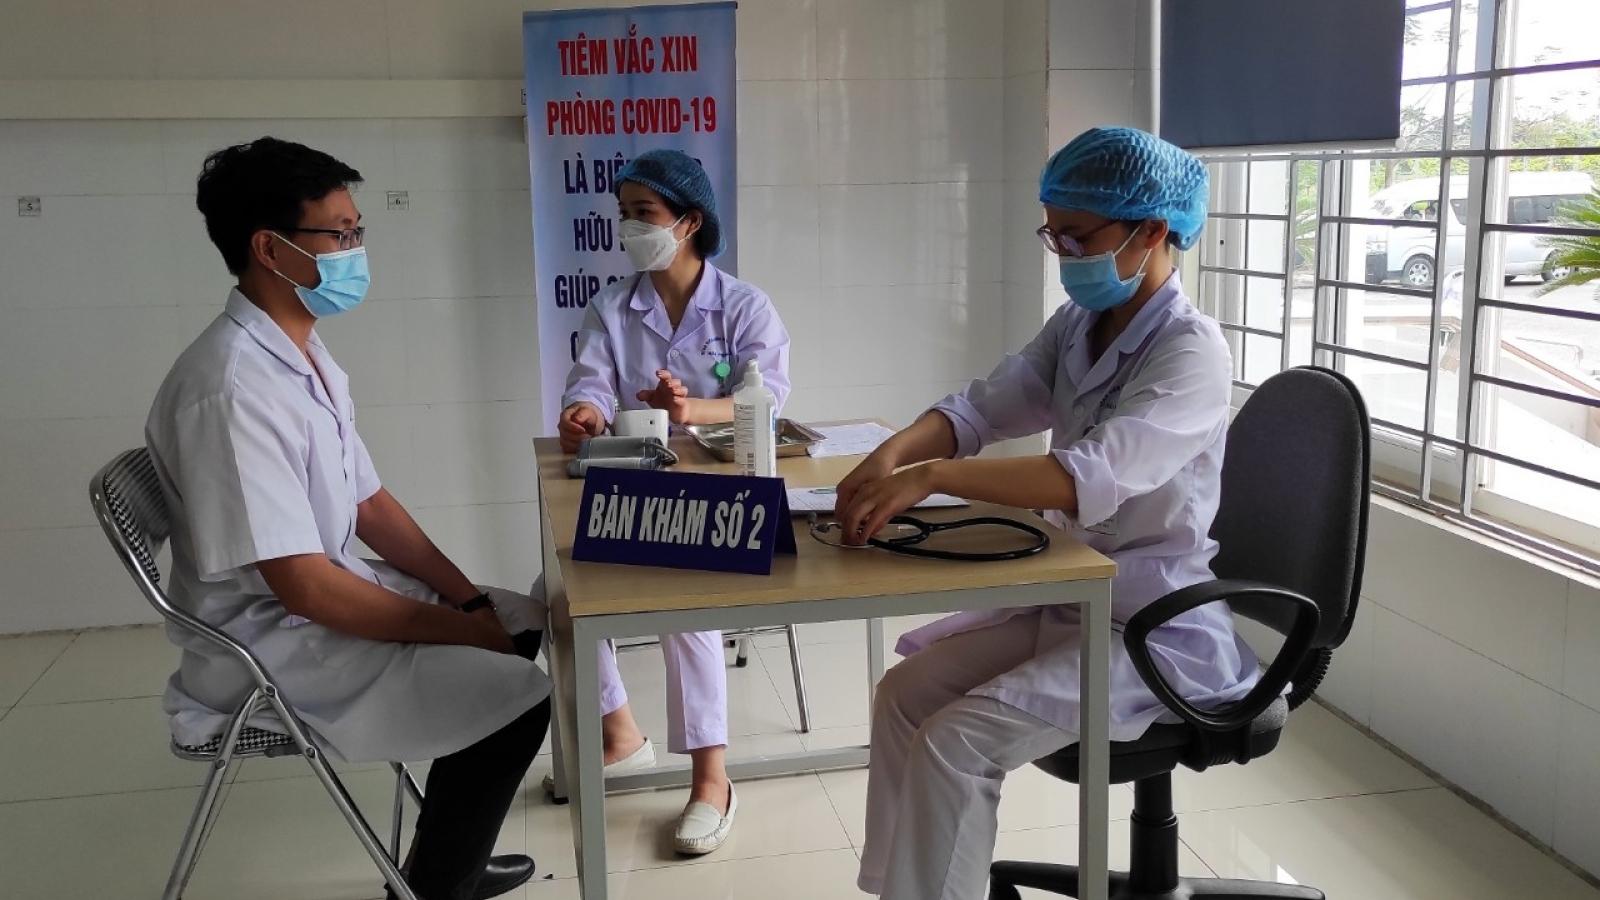 Hải Phòng bắt đầu chiến dịch tiêm vaccine COVID-19 đợt 1